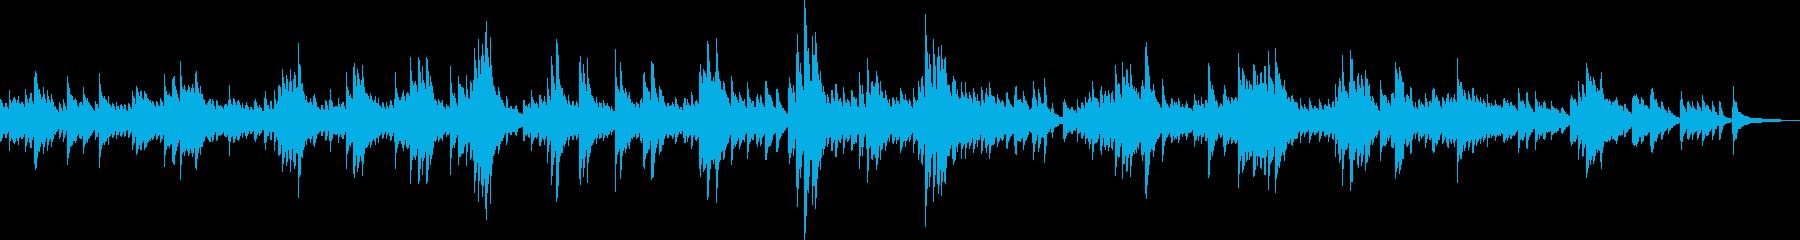 卒業(ピアノソロ・感動・温かい・優しい)の再生済みの波形